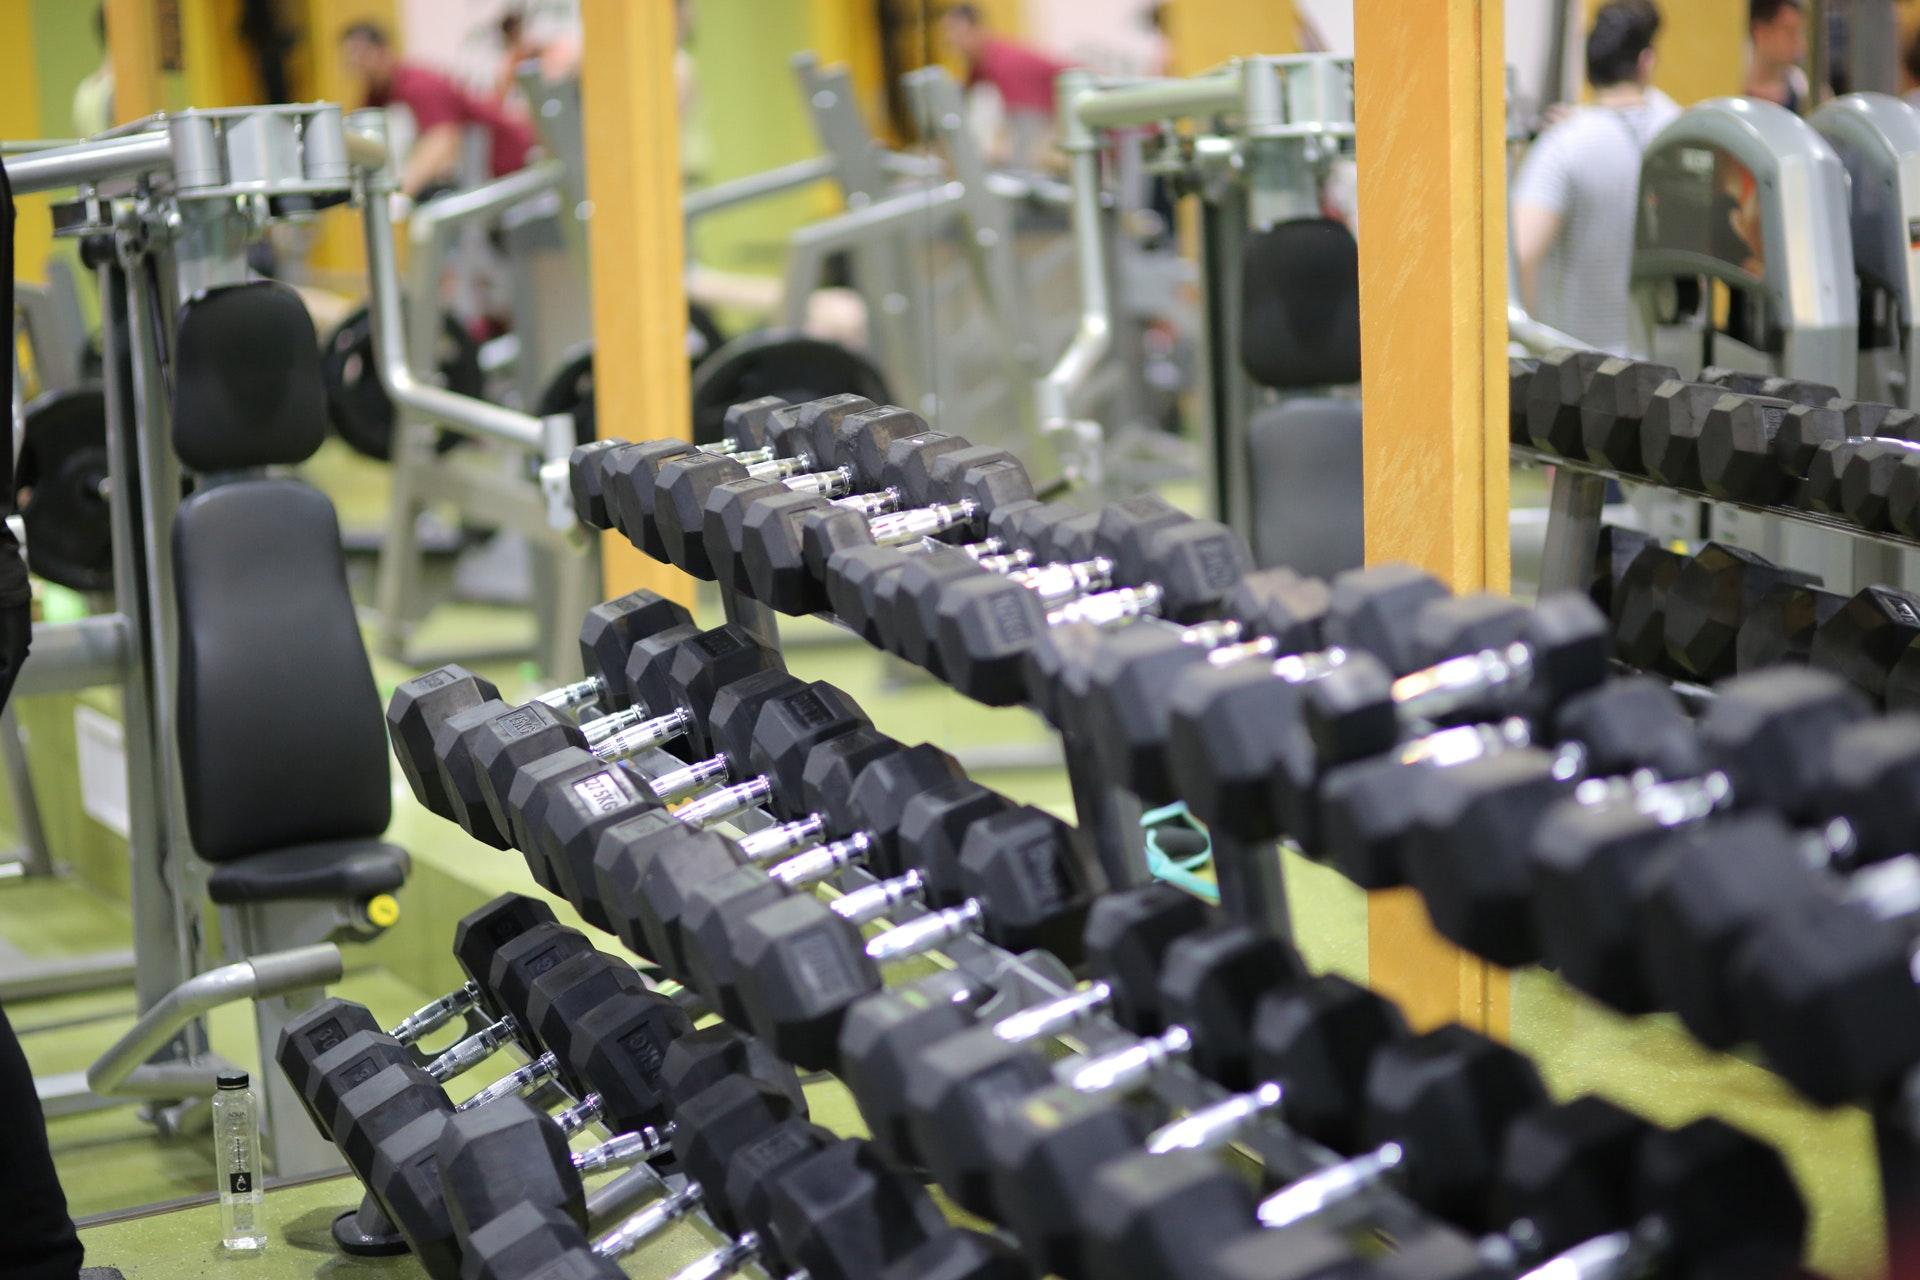 La pratique du sportbénéfique pour la santé